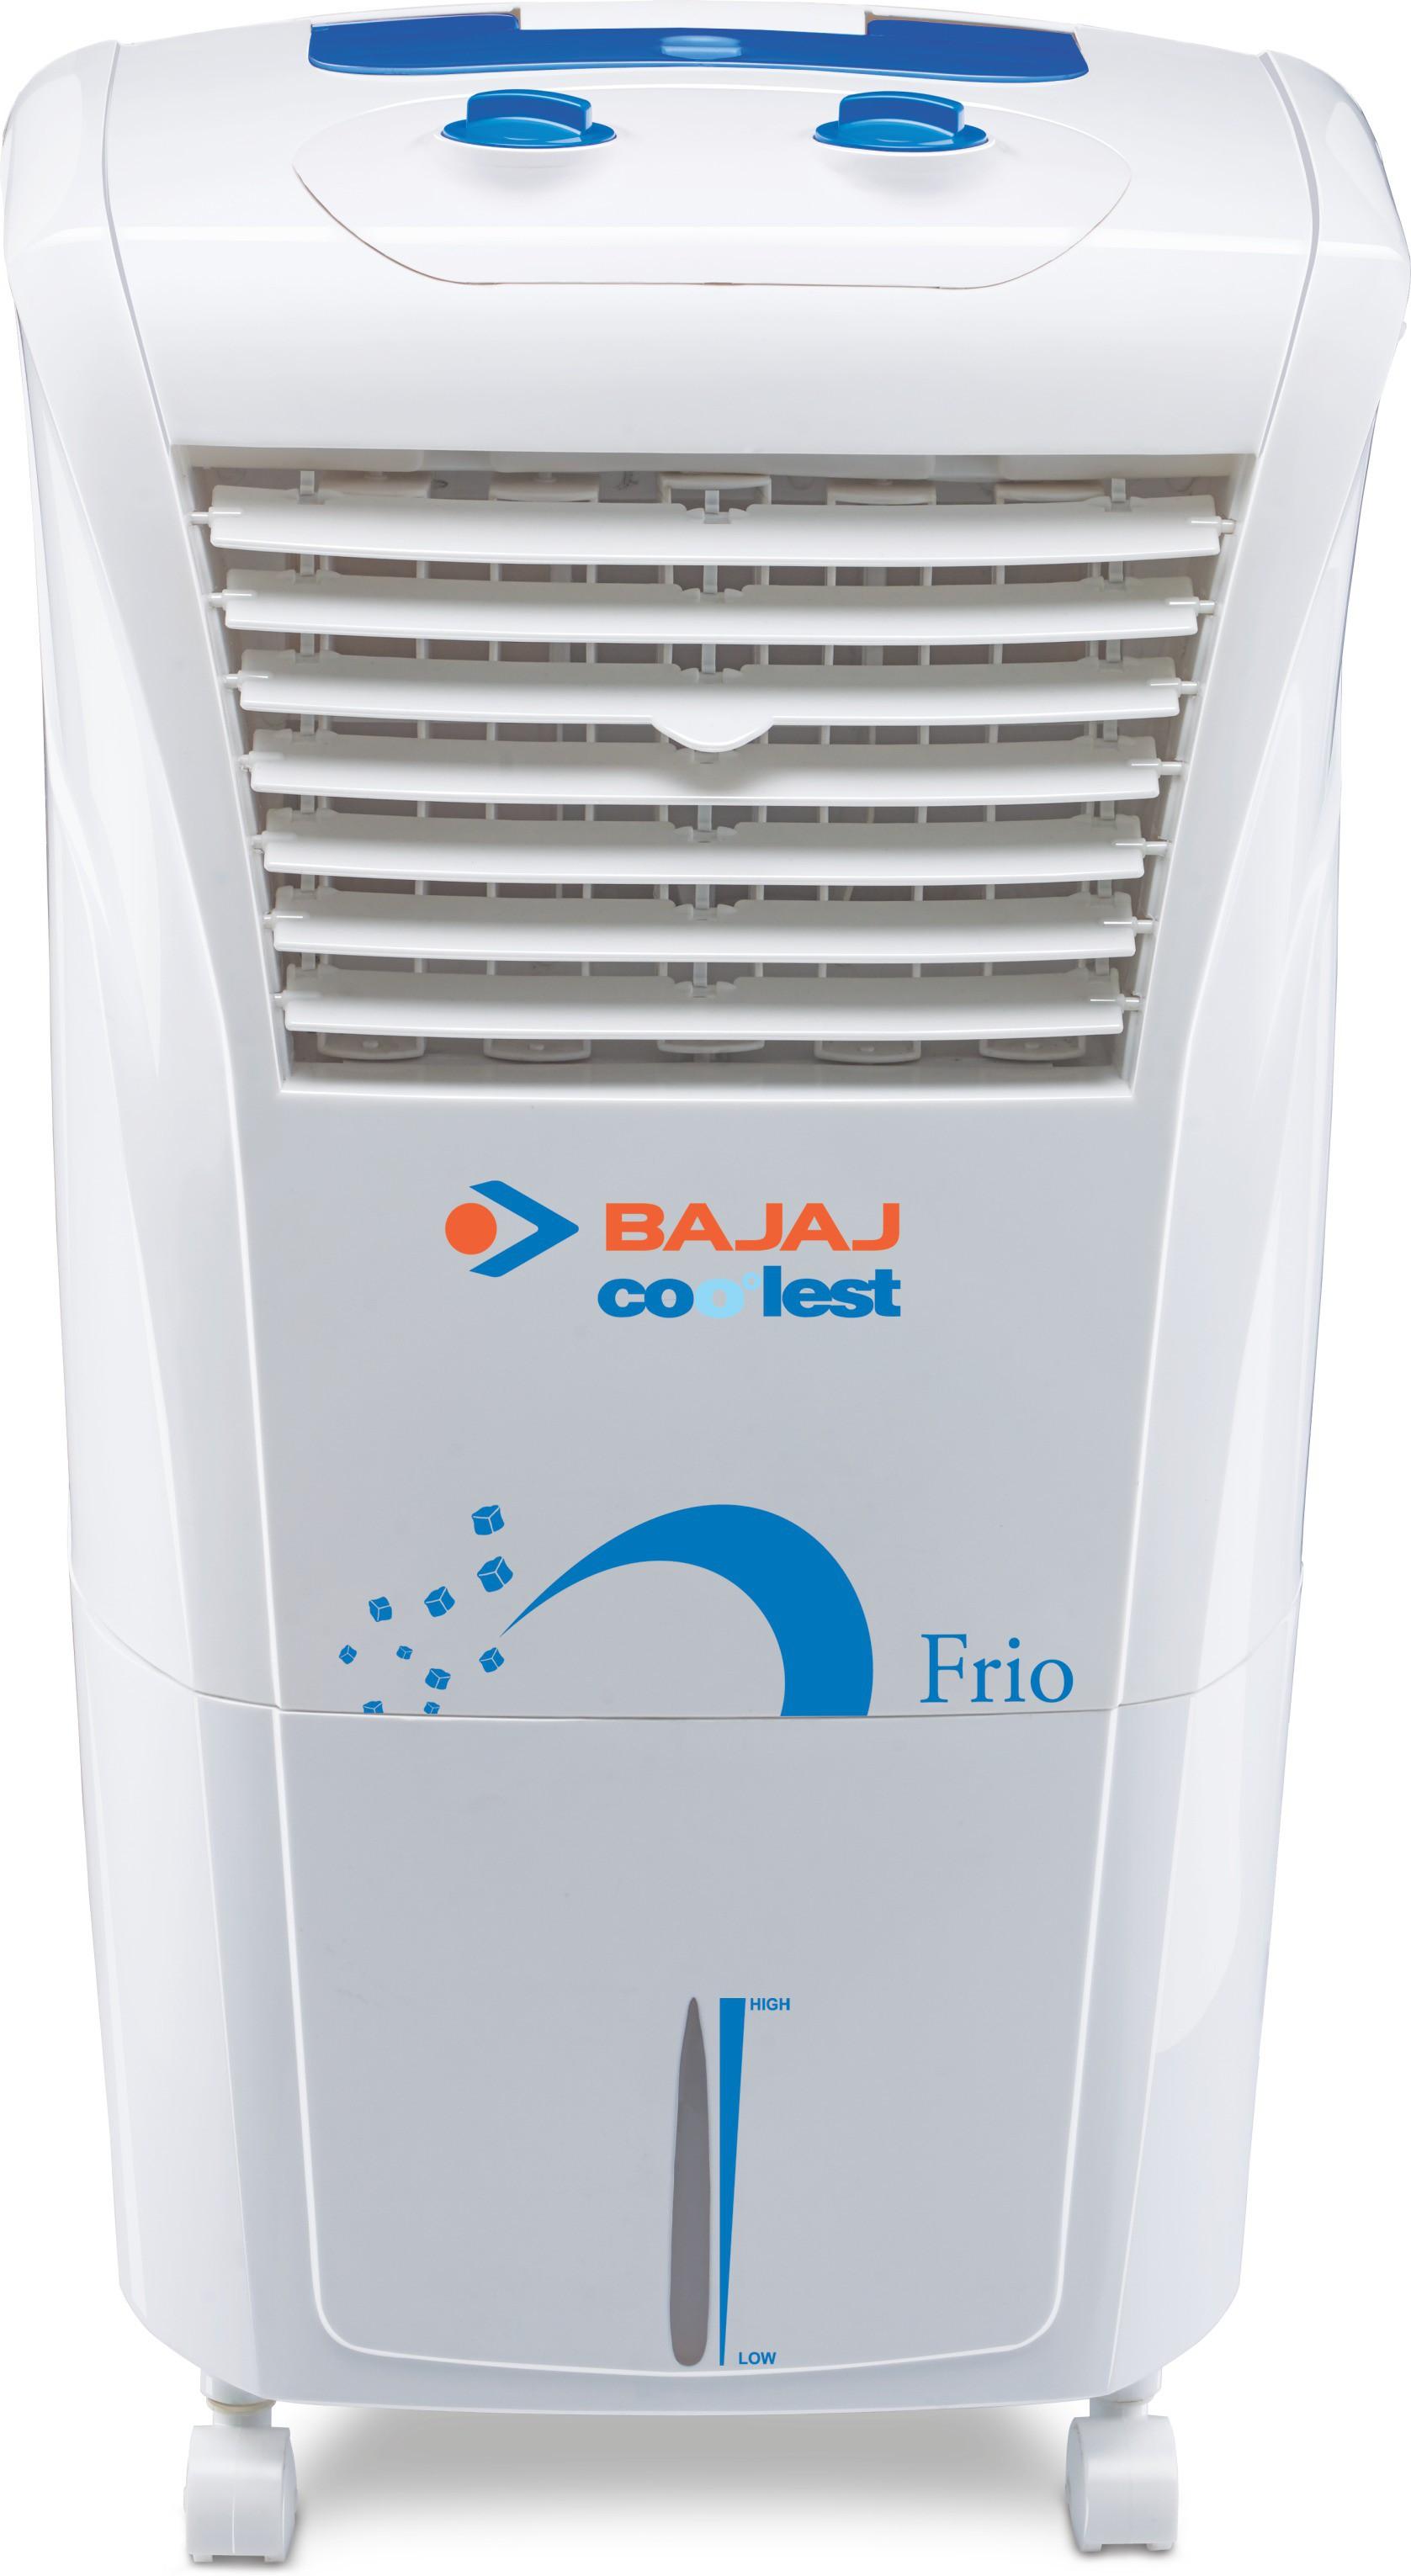 Bajaj Frio Personal Air Cooler Image